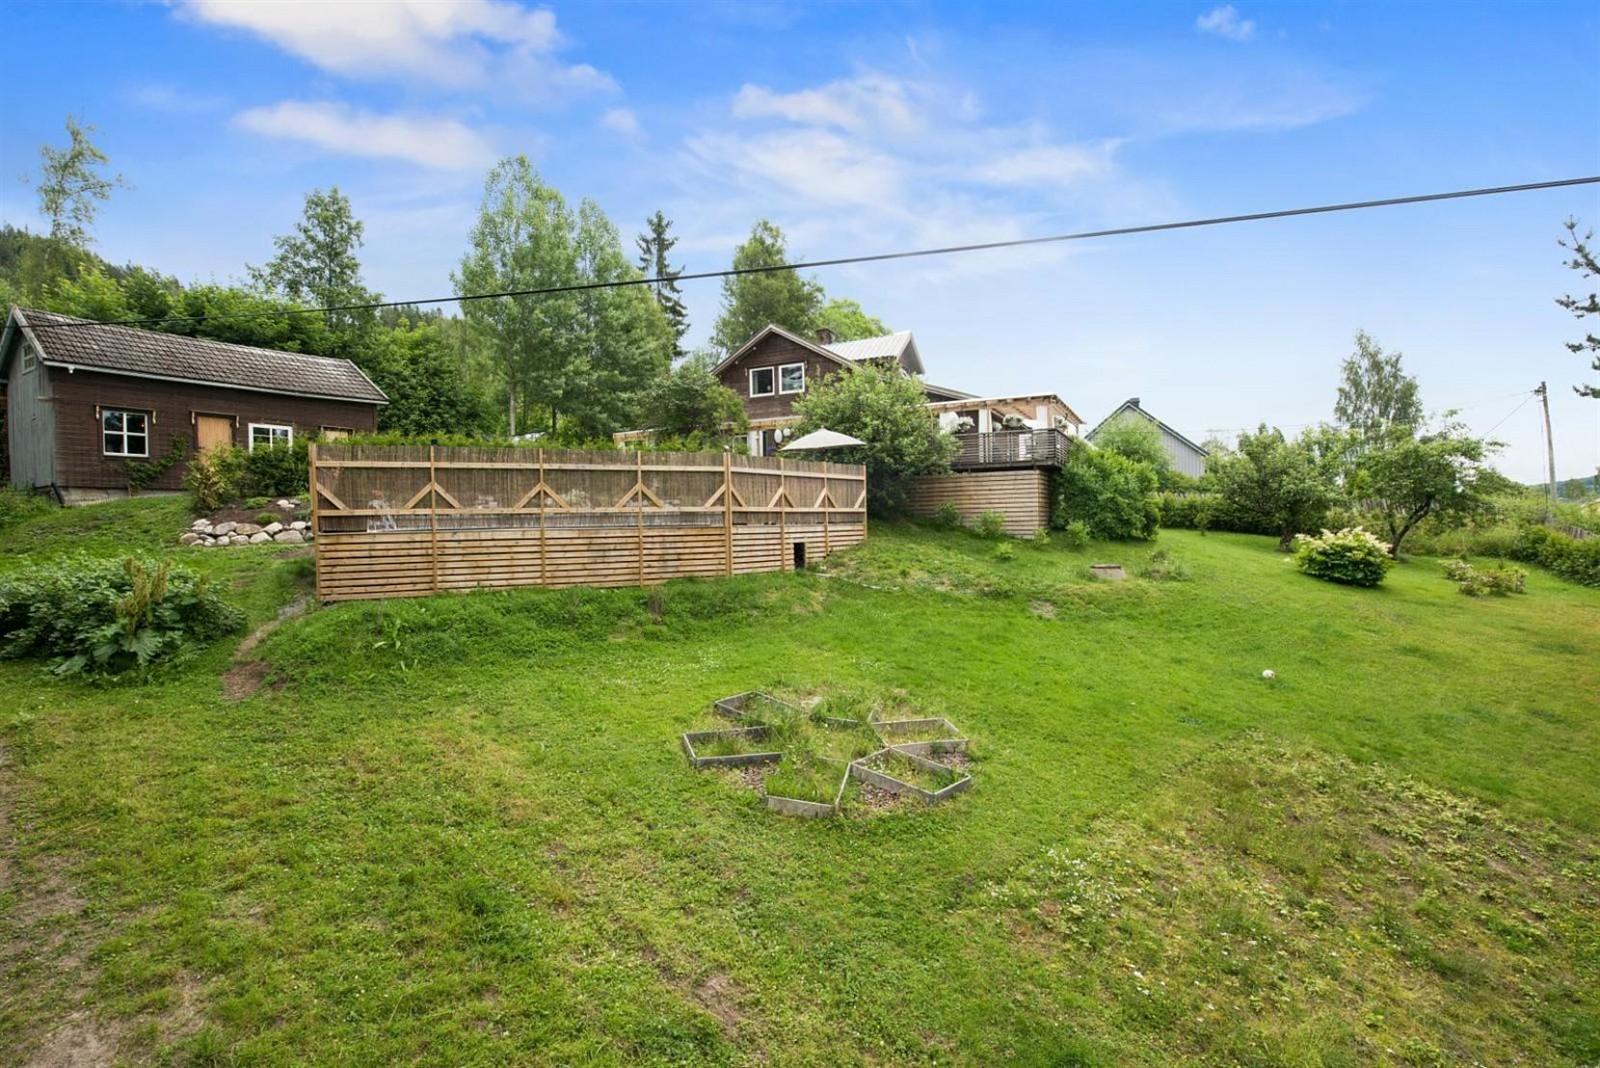 загородный дом газон забор